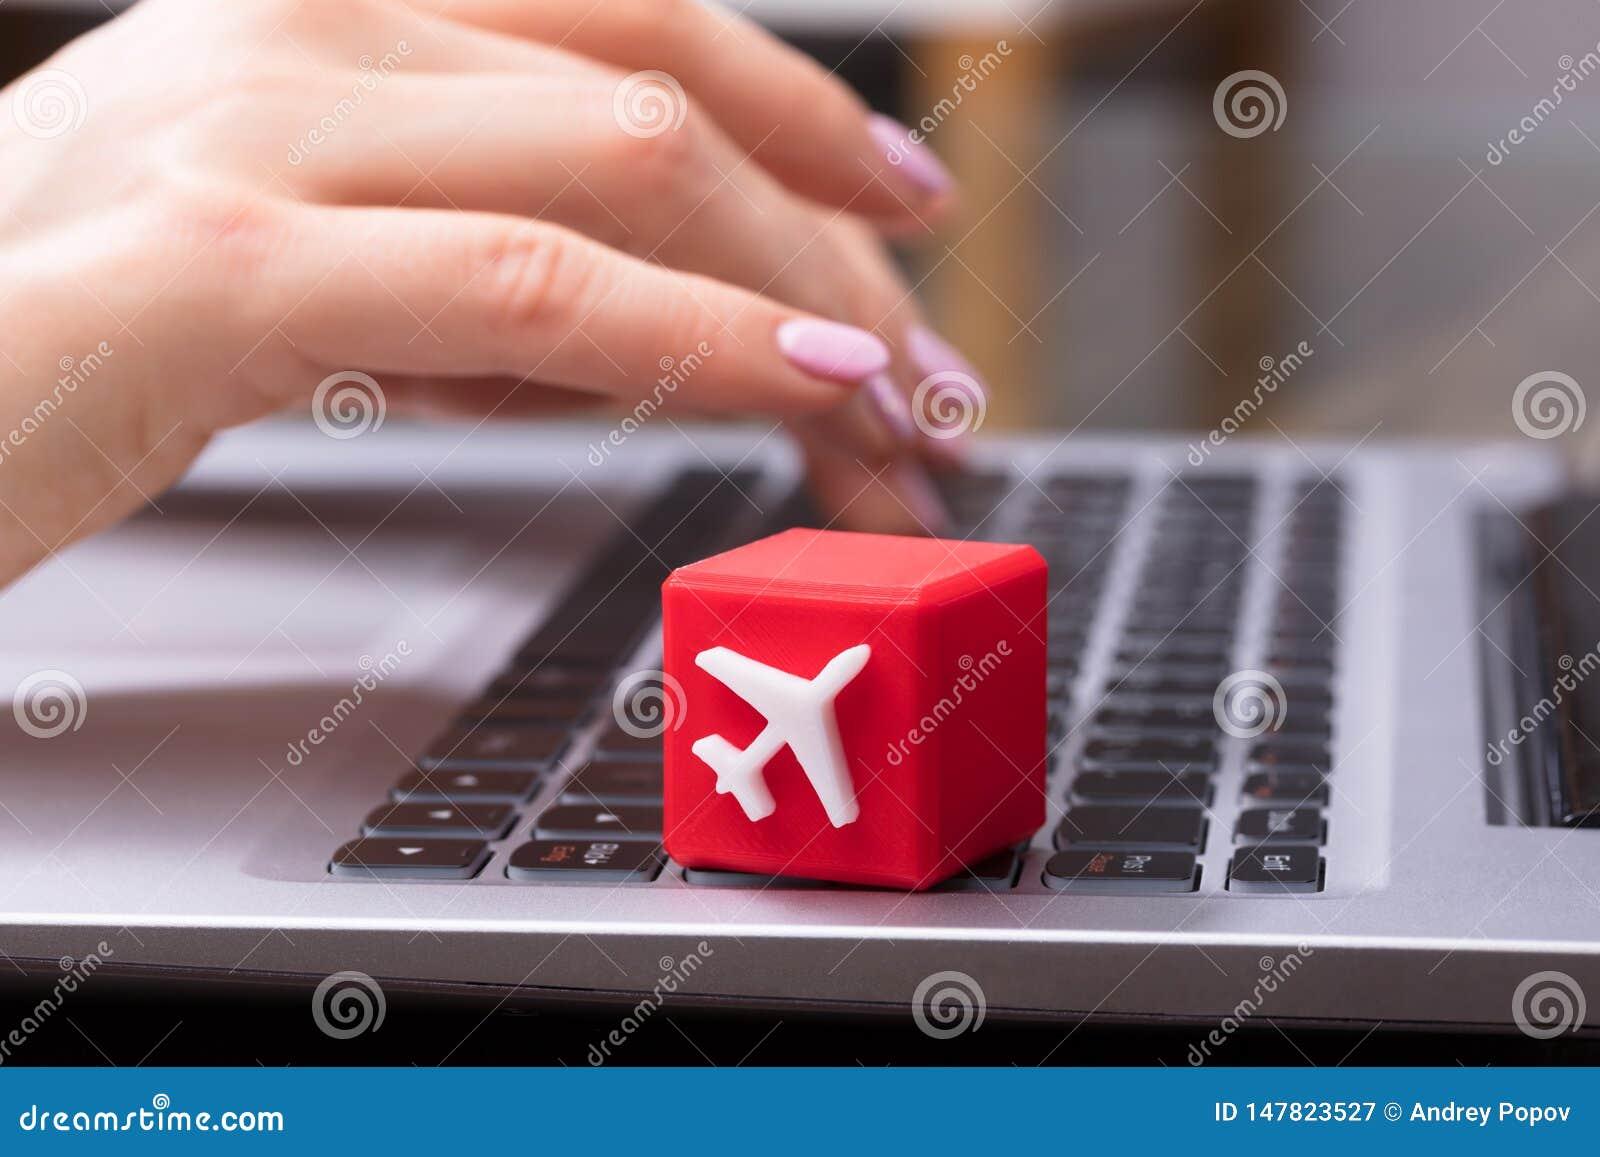 Kubikblock mit weißem Flugzeug-Symbol